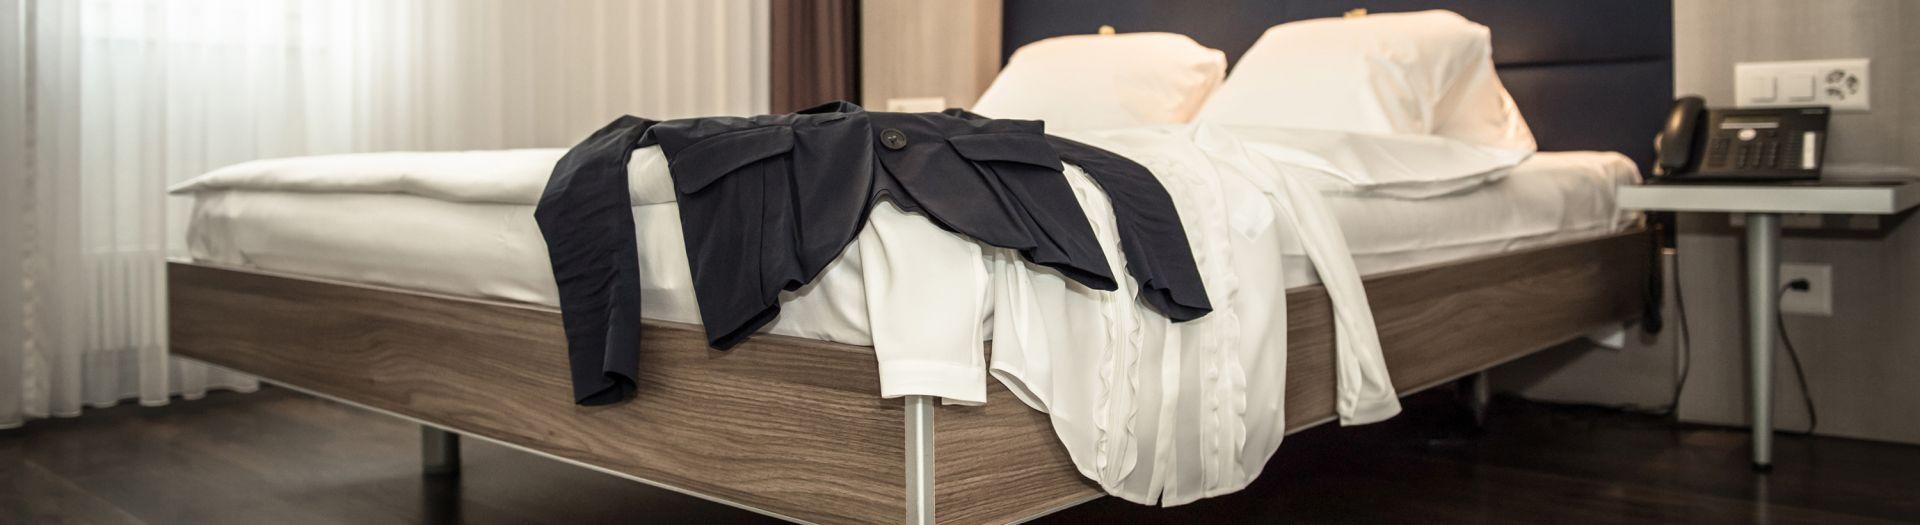 Hotel Zimmer im Zentrum von Zürich – Zimmerpreise Hotel Alexander